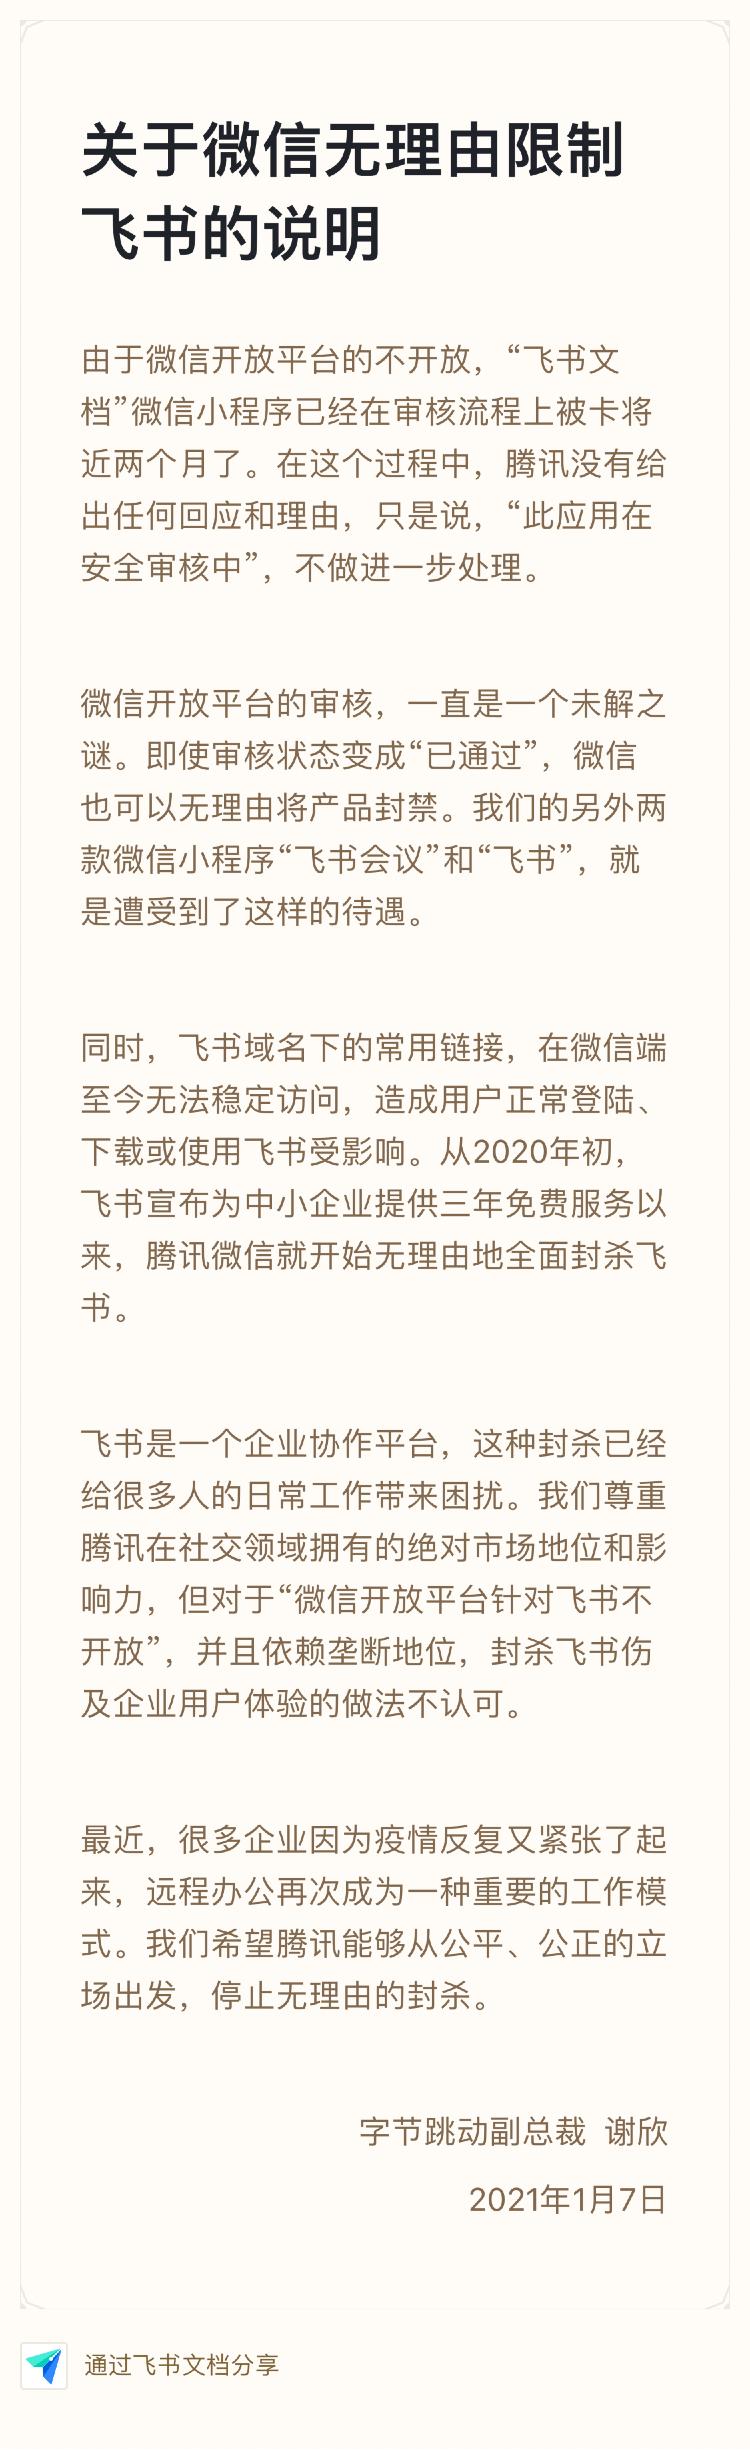 字节跳动谢欣称微信封禁飞书系列产品,微信方面暂无回应